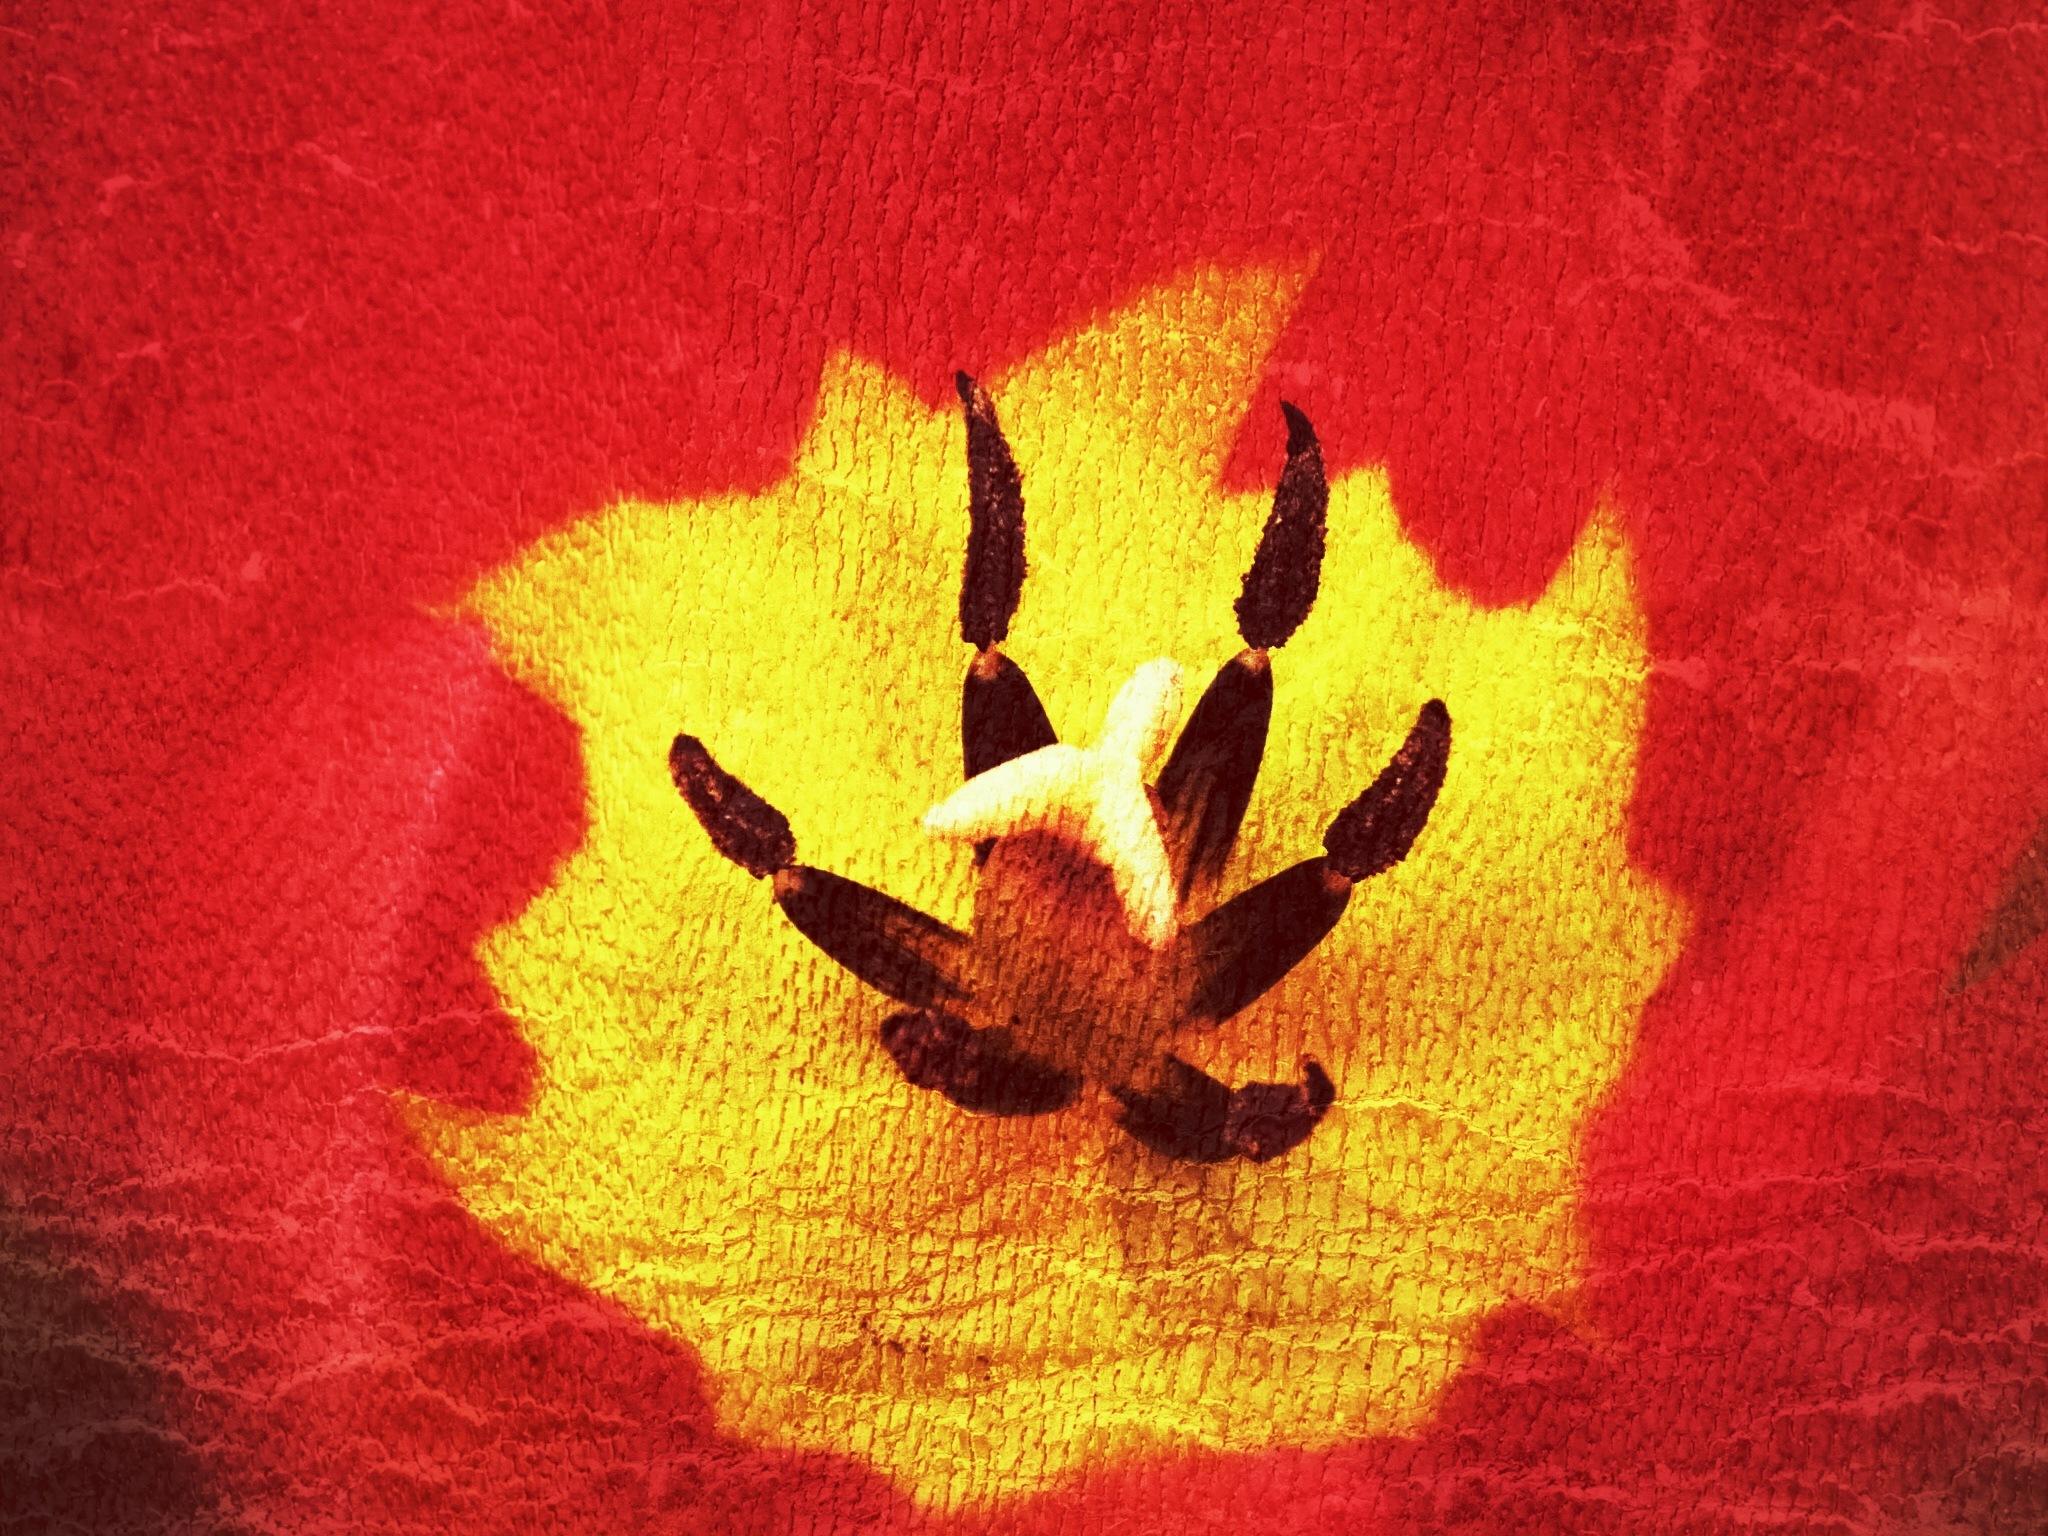 Image Flower...i23062120 by Michael jjg